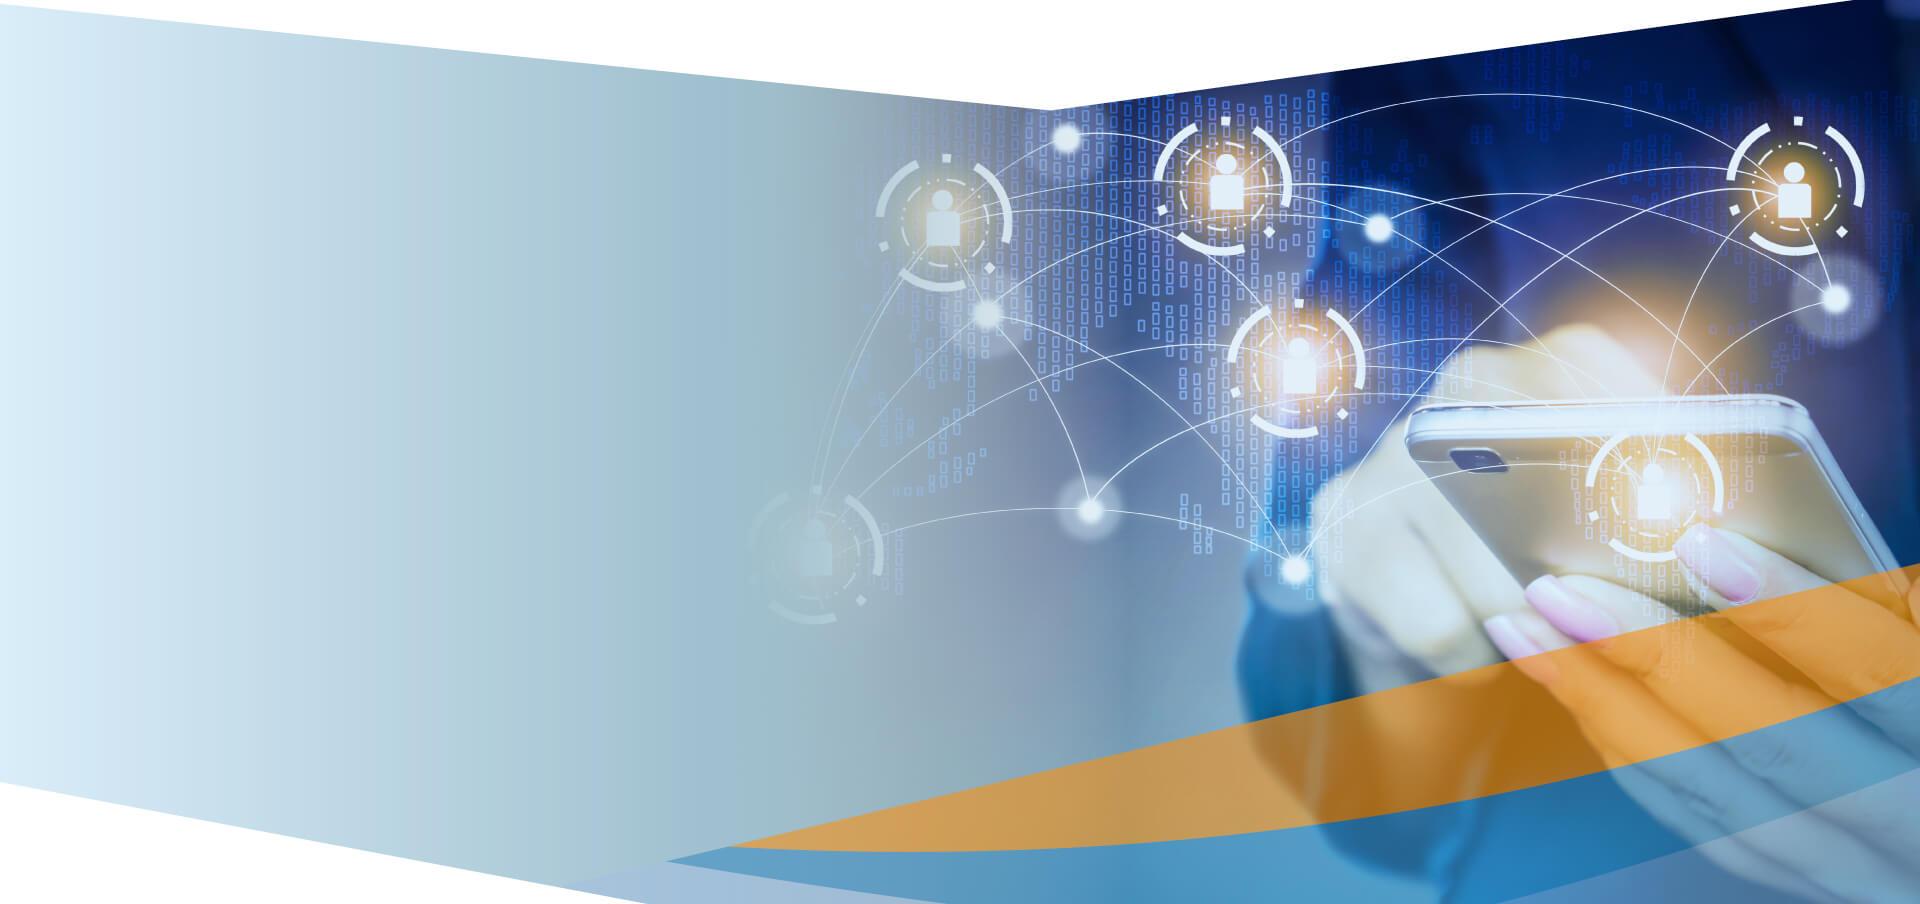 Mit DeDeTR erfahren Sie alles über die Telekommunikation in Ihrem Unternehmen.